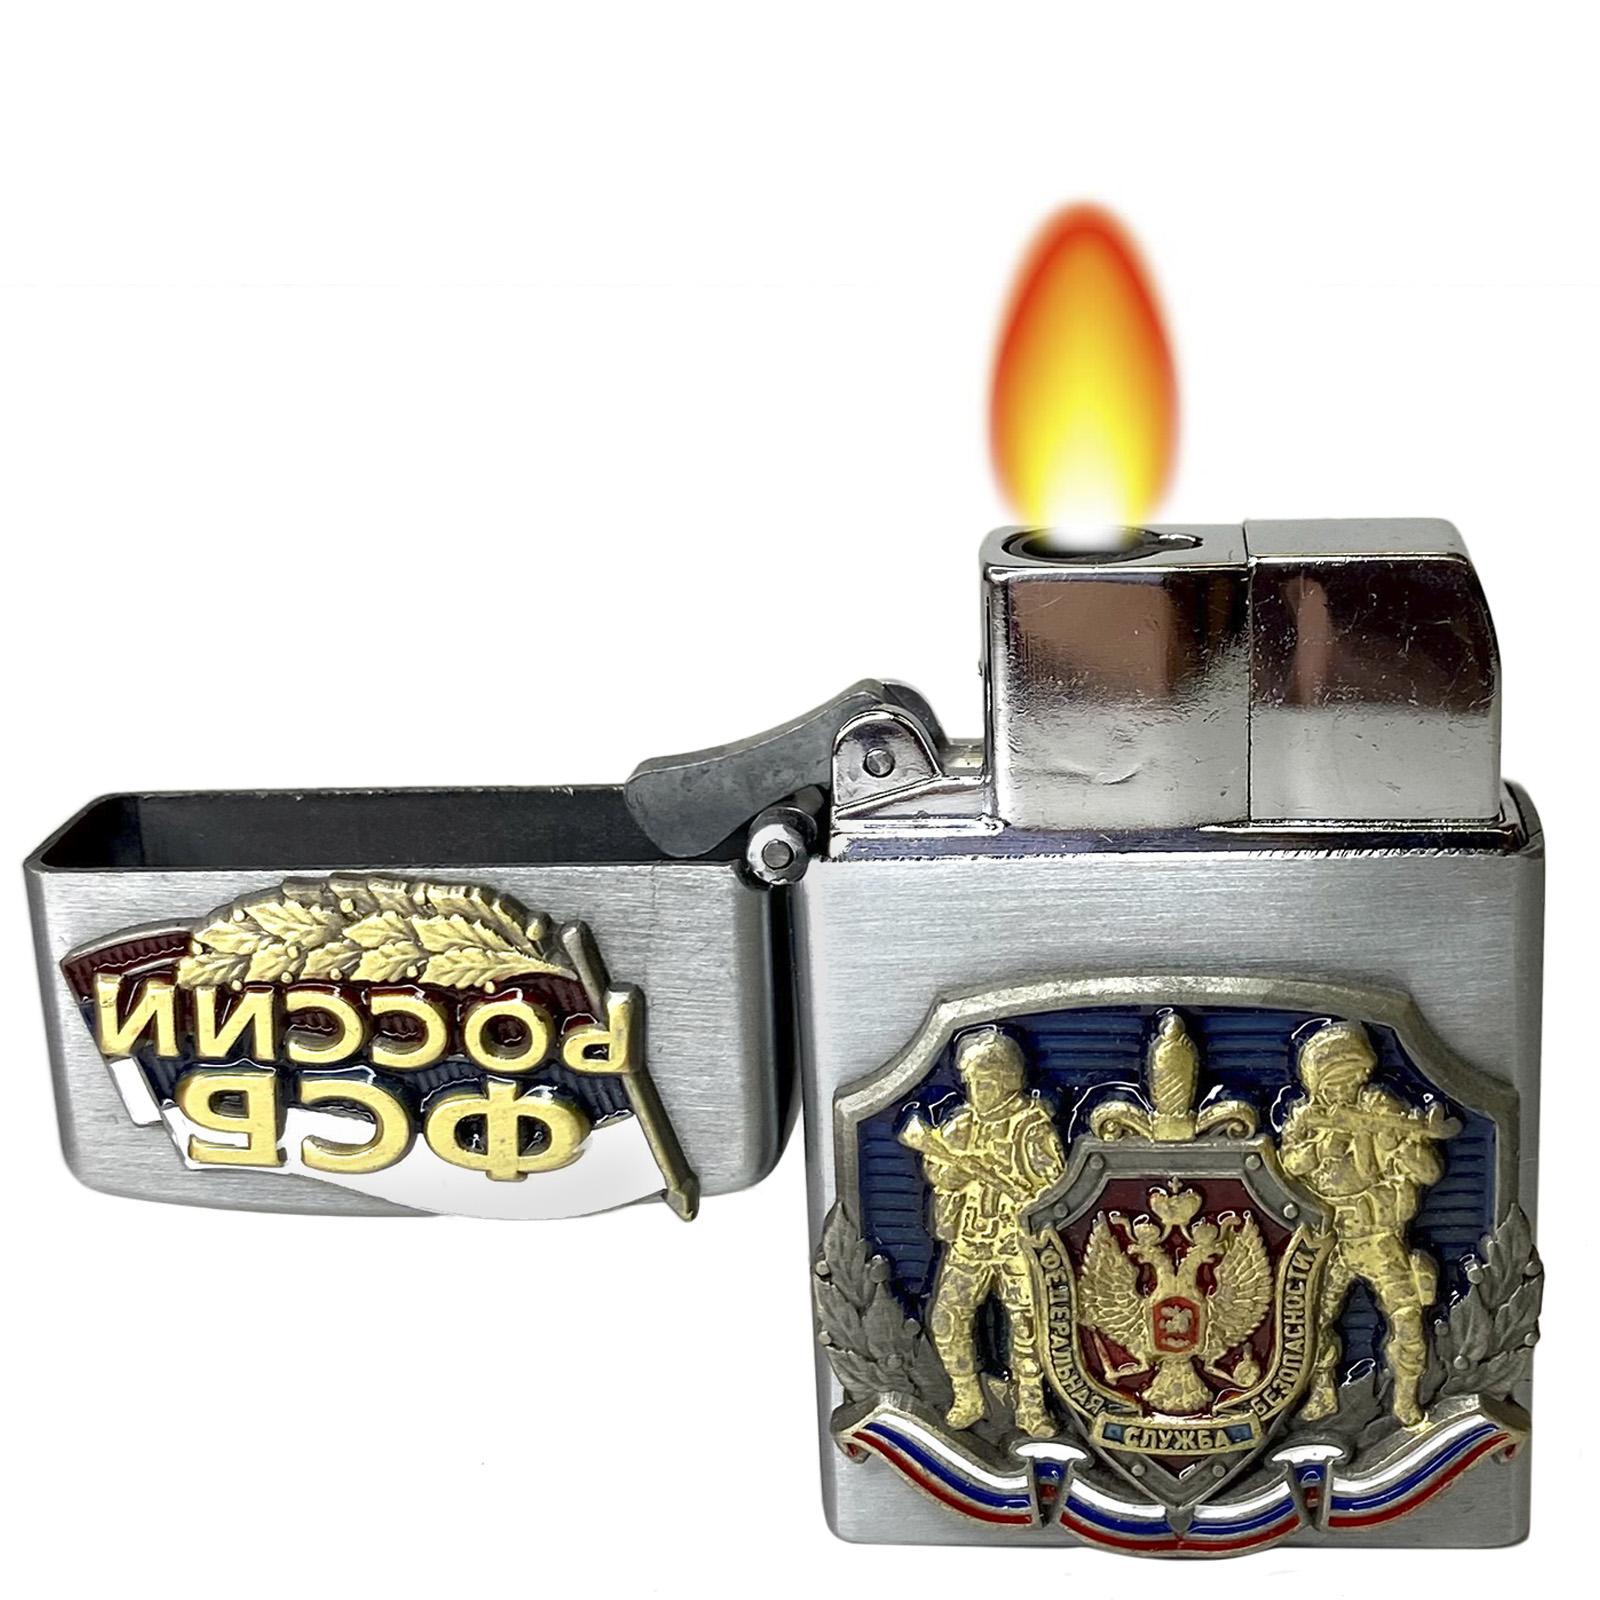 Купить подарочную зажигалку к 100-летию ФСБ по выгодной цене